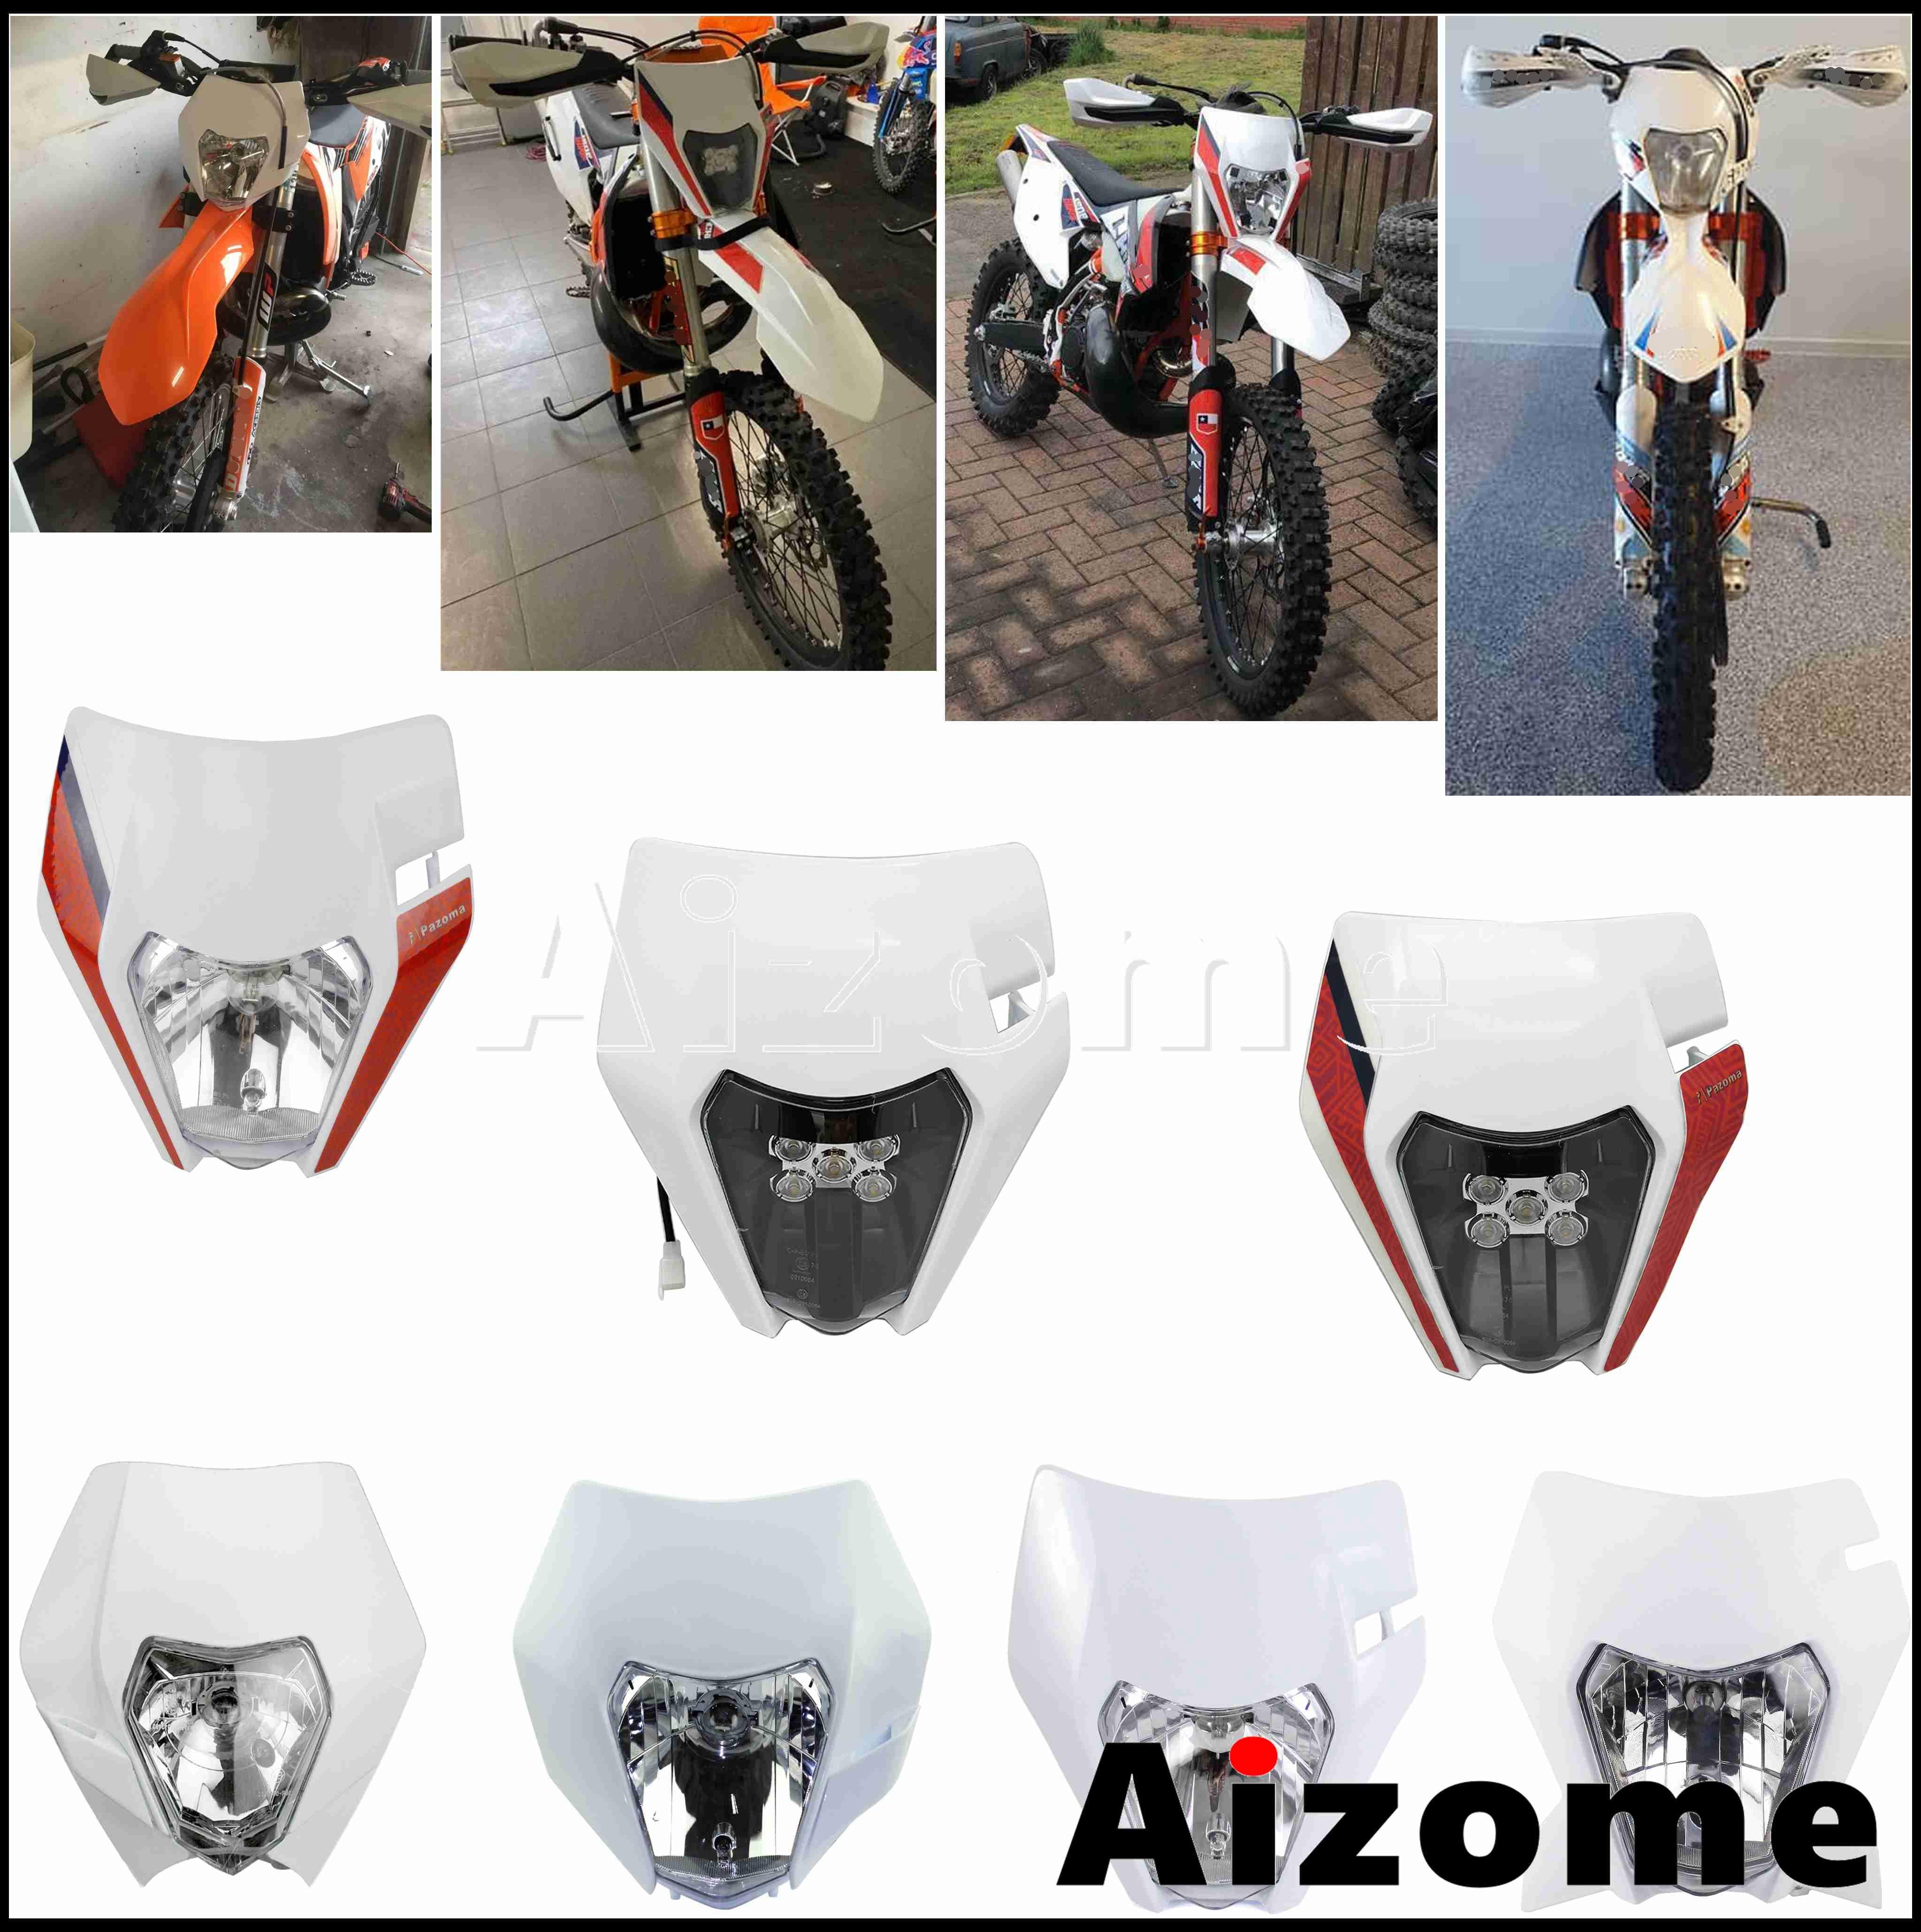 Weiß Enduro Scheinwerfer Maske MX Dirt Naked Bike LED Scheinwerfer Beleuchtung für EXC 500 EXC Sechs Tage 450 XC-W 200 EXCF XC-F SX SX-F 125